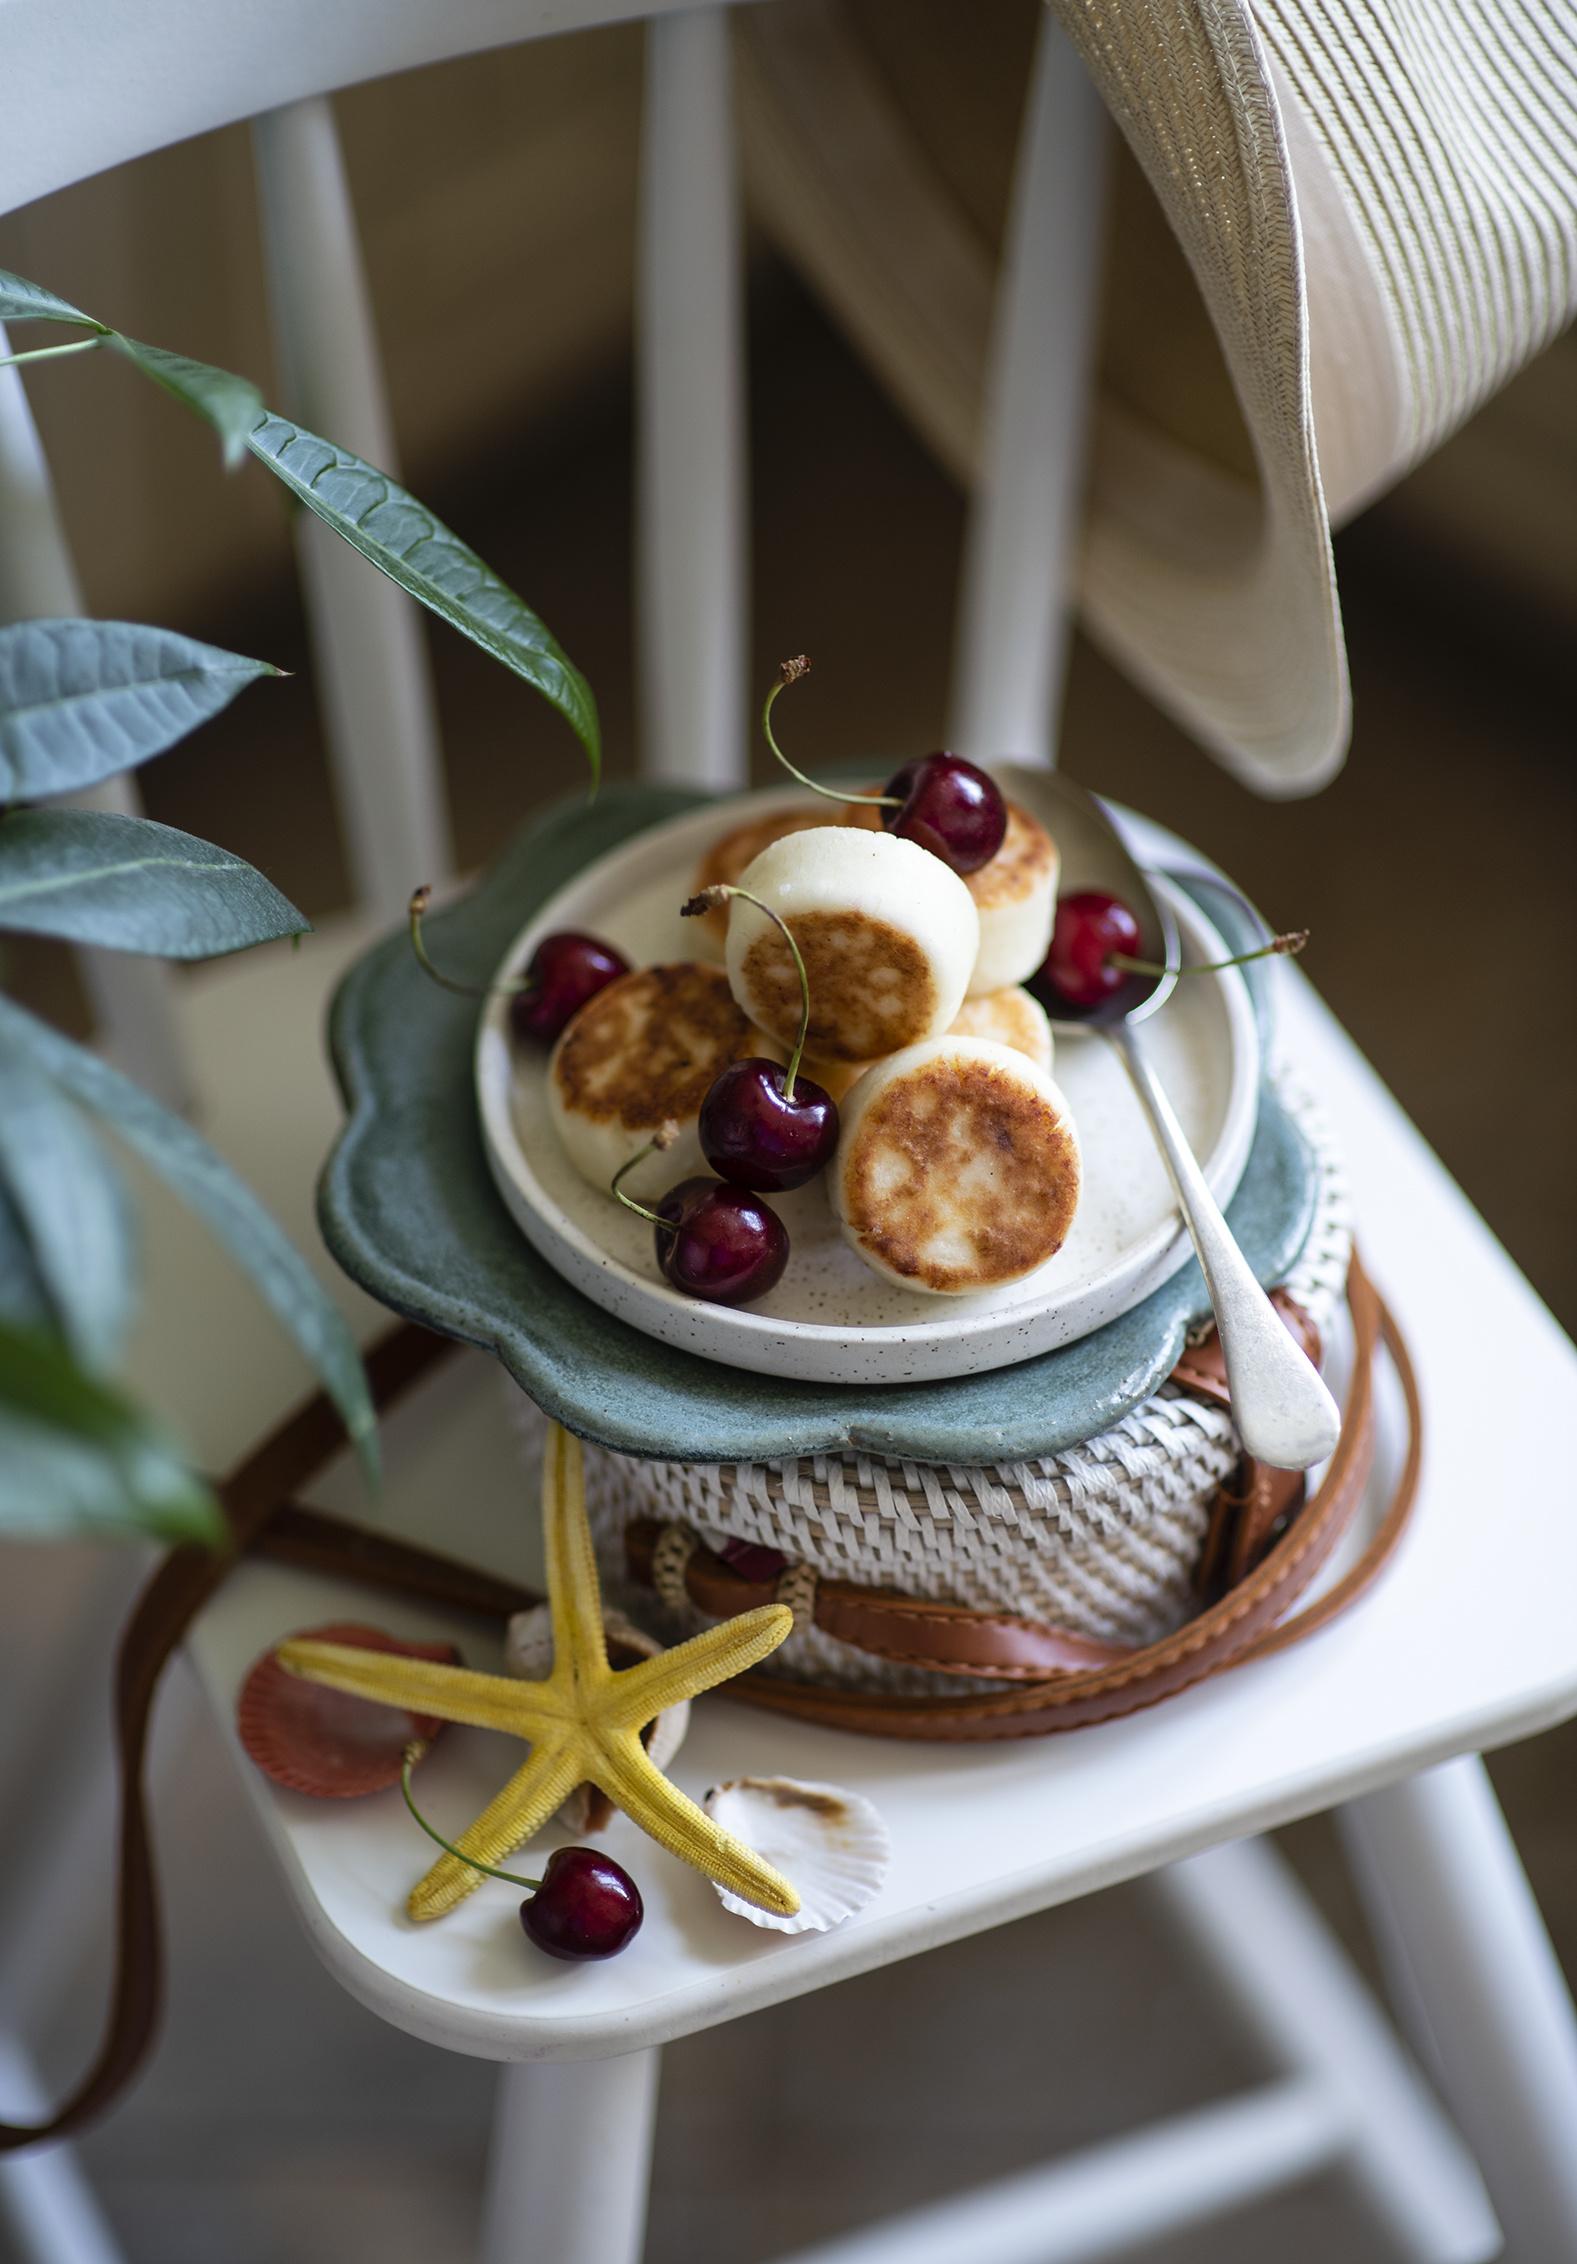 Фотография Блины Вишня Еда стул тарелке  для мобильного телефона Черешня Пища Стулья Тарелка Продукты питания